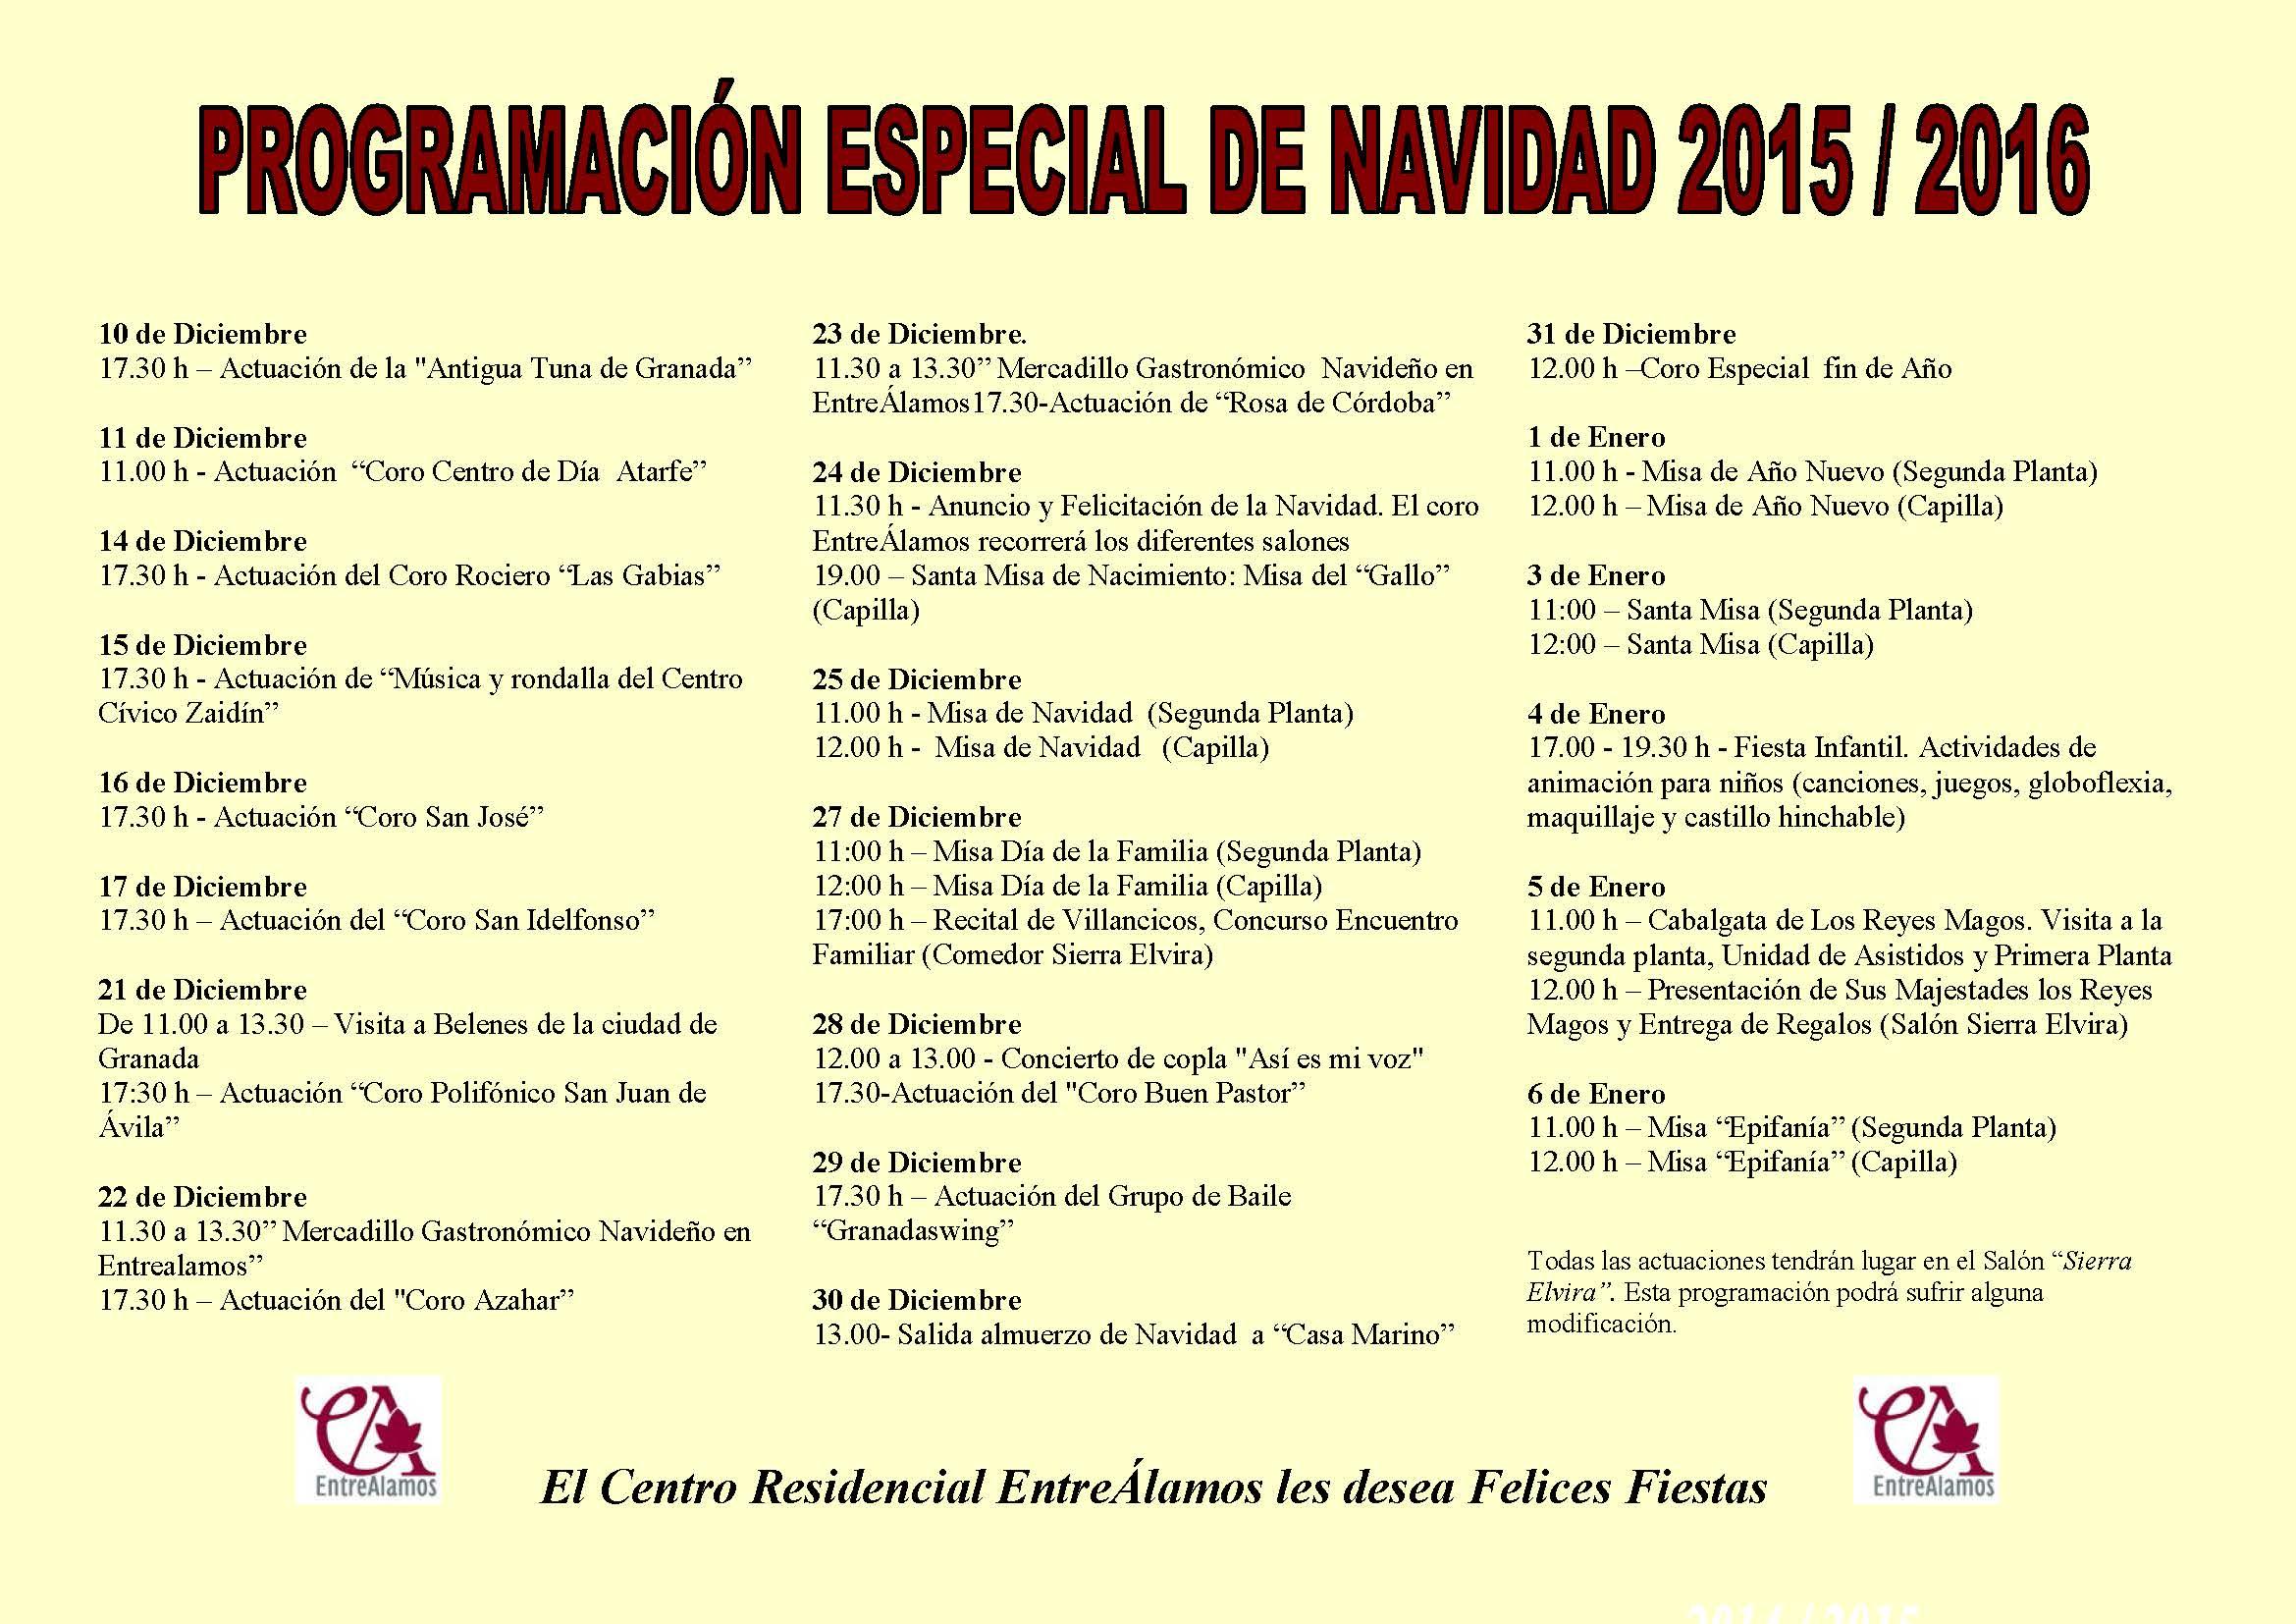 CARTEL PROGRAMACION DE NAVIDAD 2015-2016